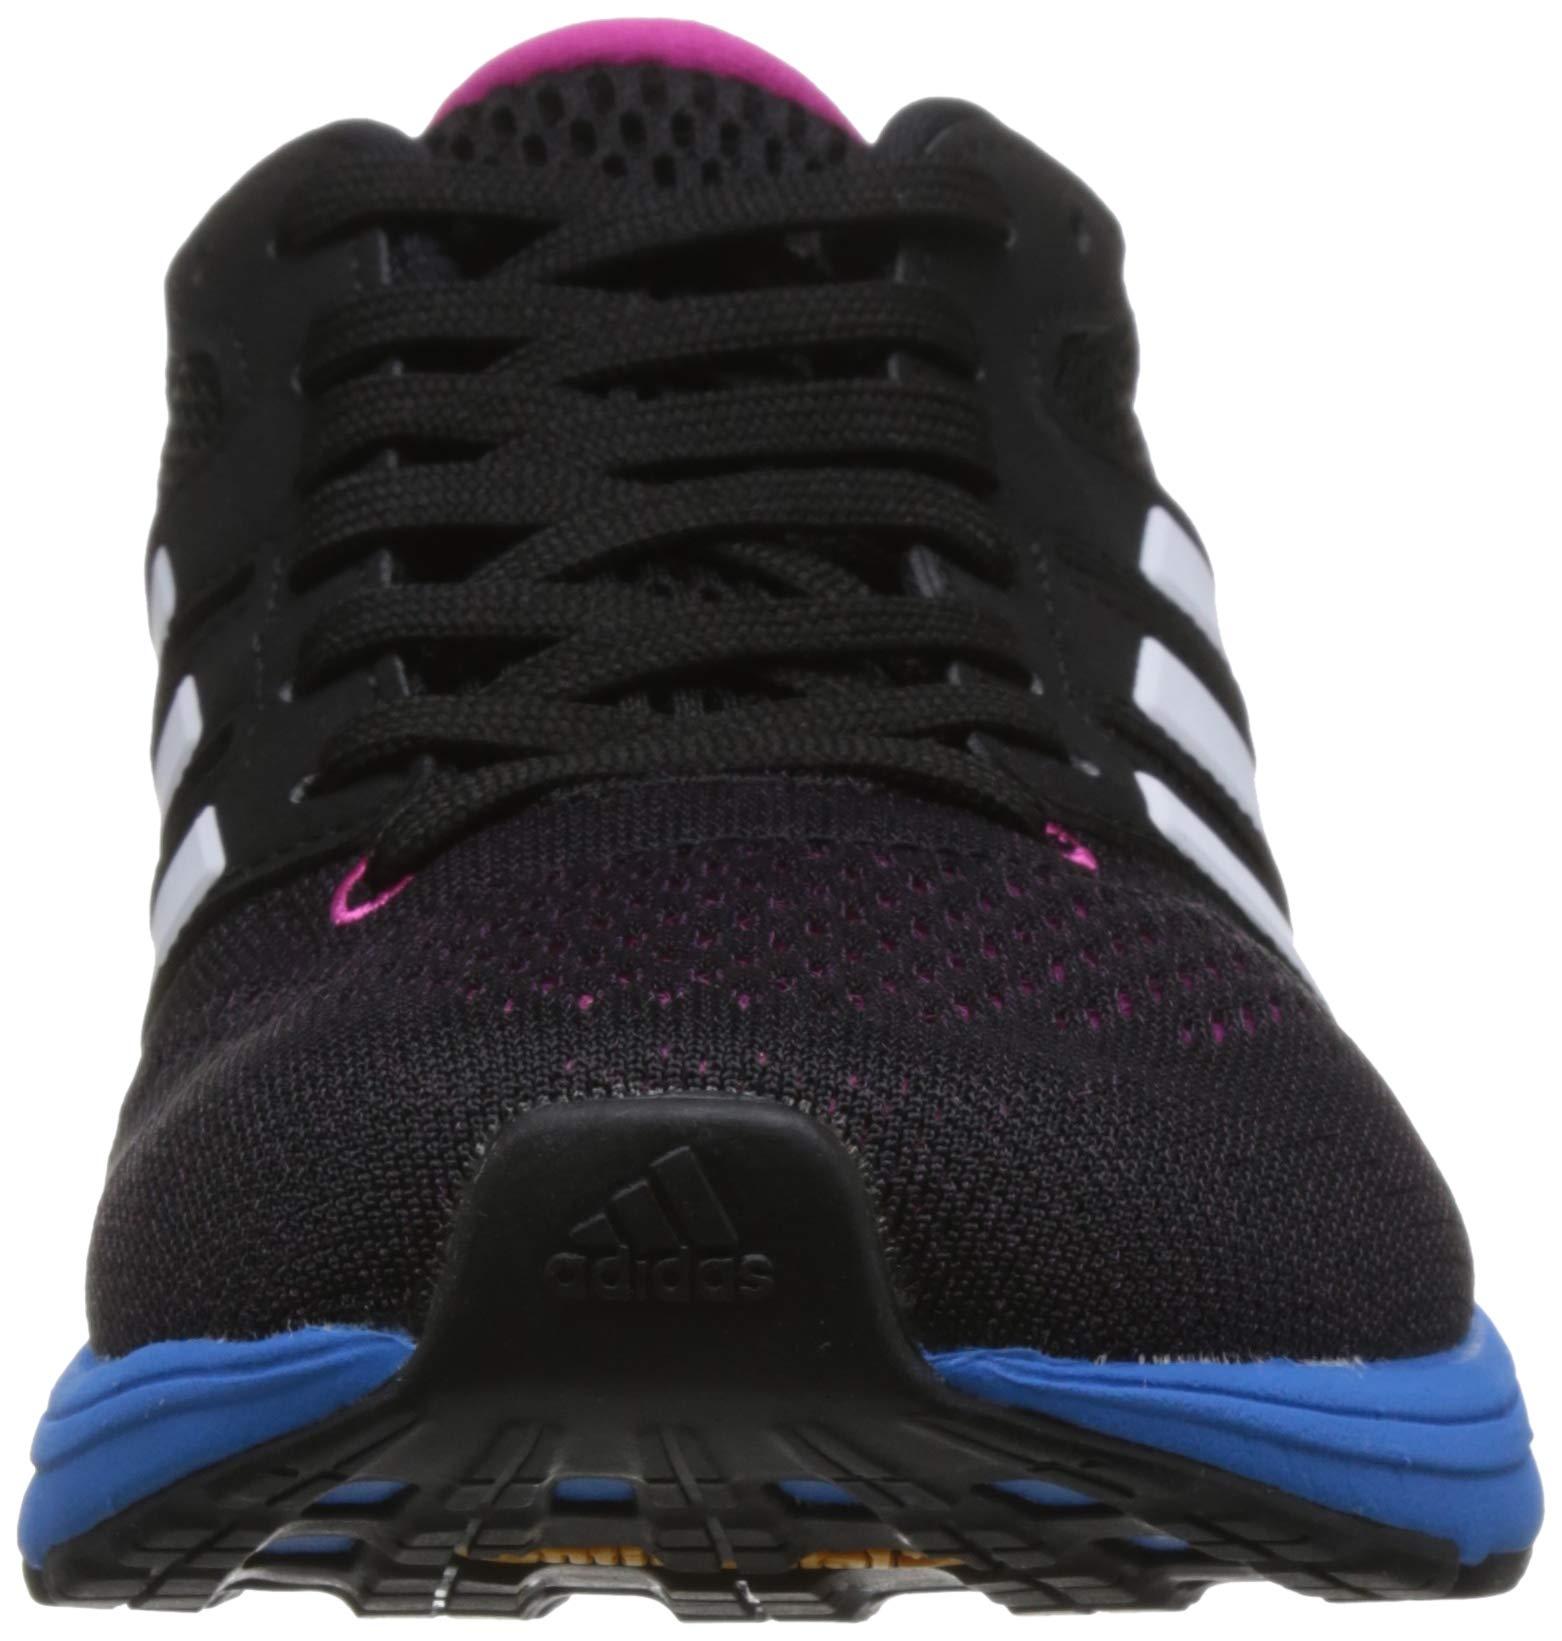 71cgoqKBh8L - adidas Women's Adizero Boston 7 W Running Shoes